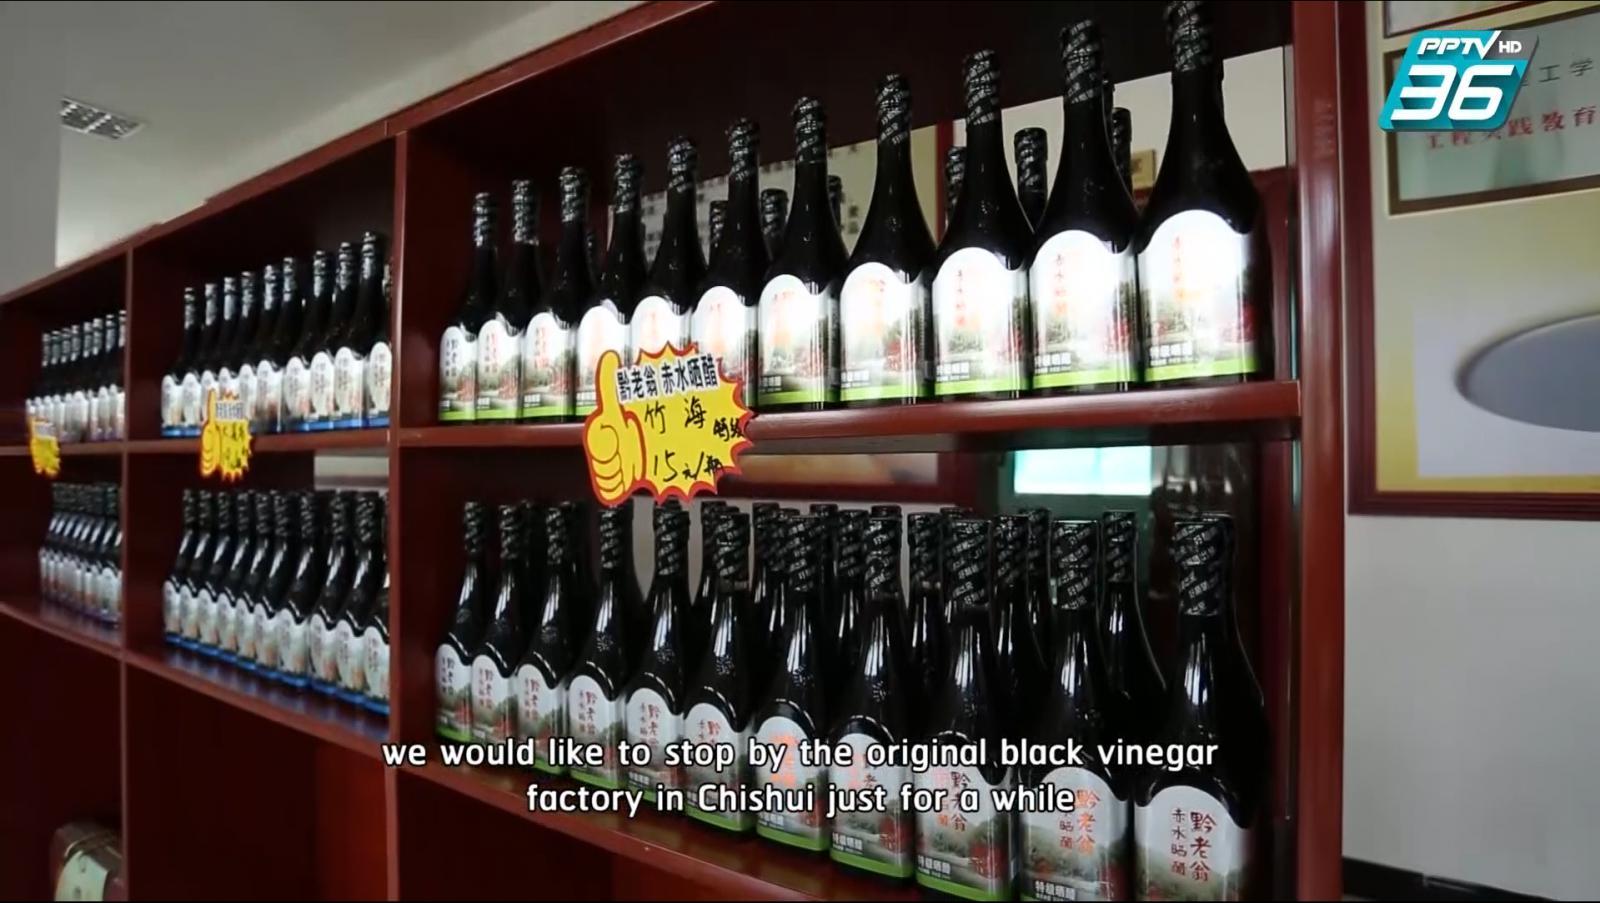 โรงงานผลิตจิ๊กโฉ่ว สูตรดั้งเดิม เมืองซื่อสุ่ย ประเทศจีน